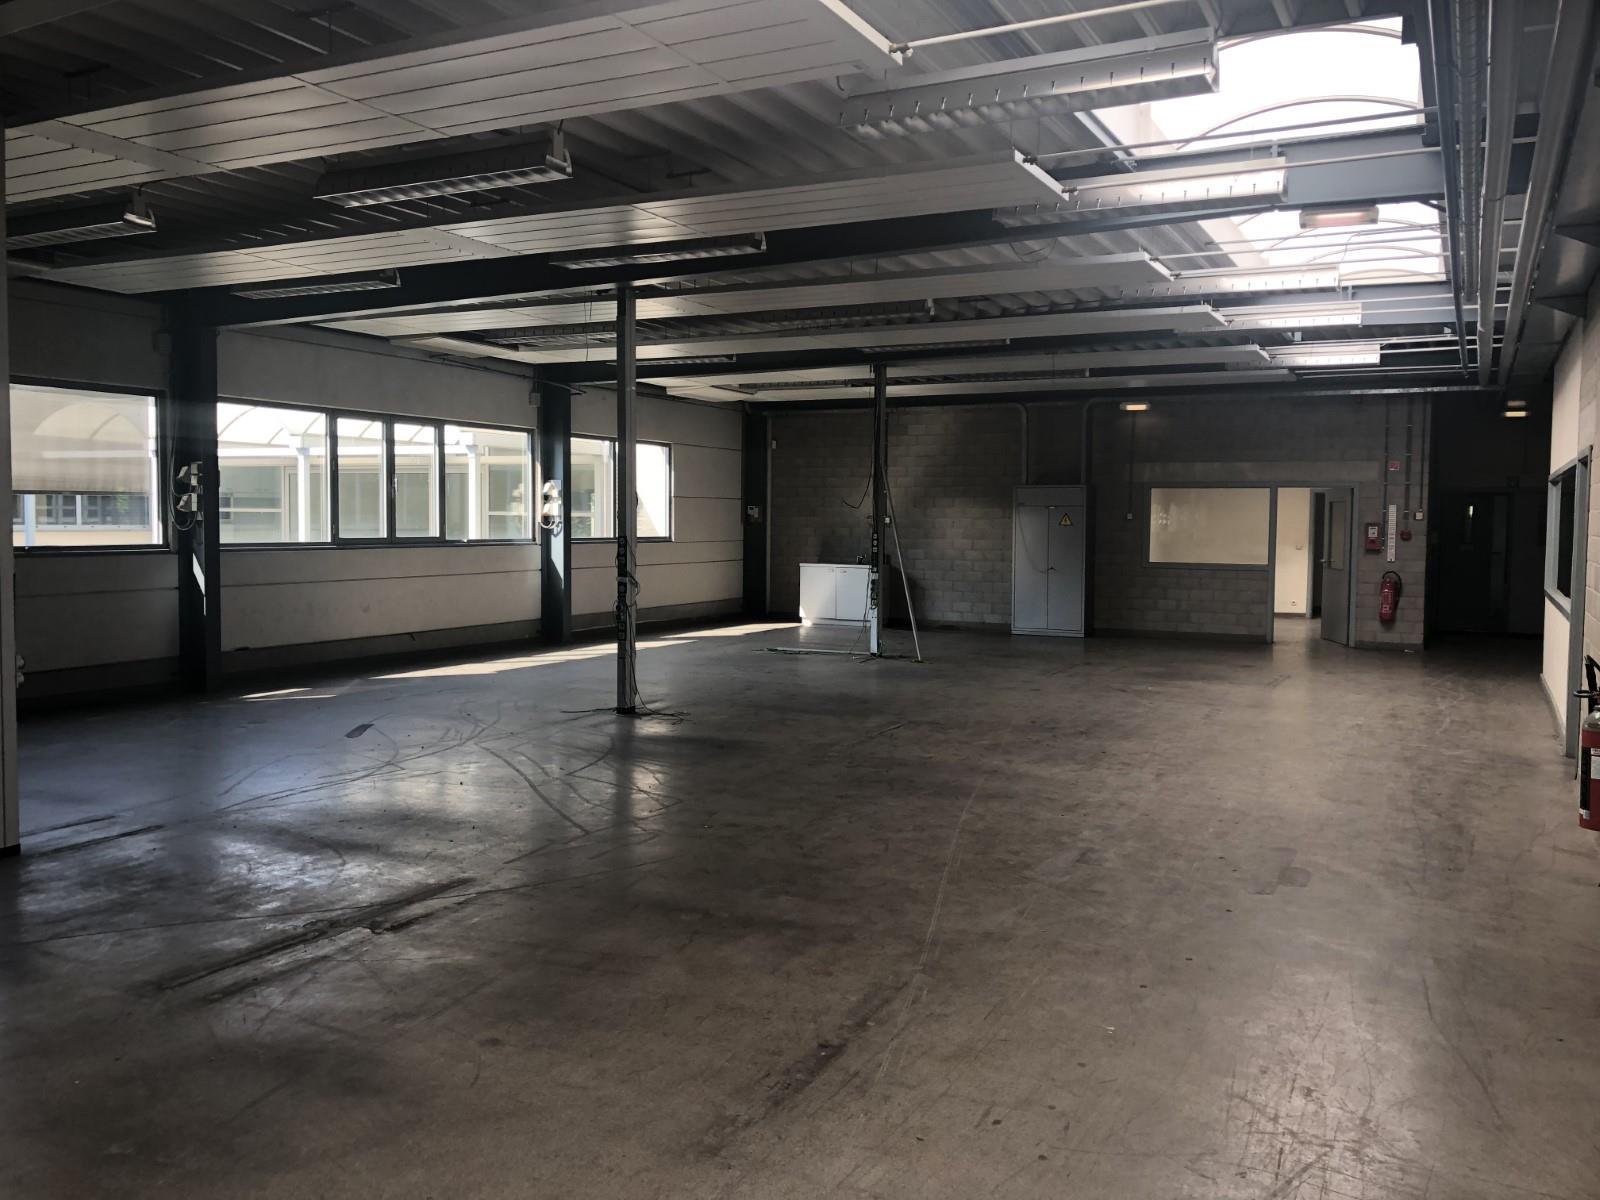 bedrijfsgebouw te huur I067TH - Zandvoortstraat 1, 2800 Mechelen, België 4